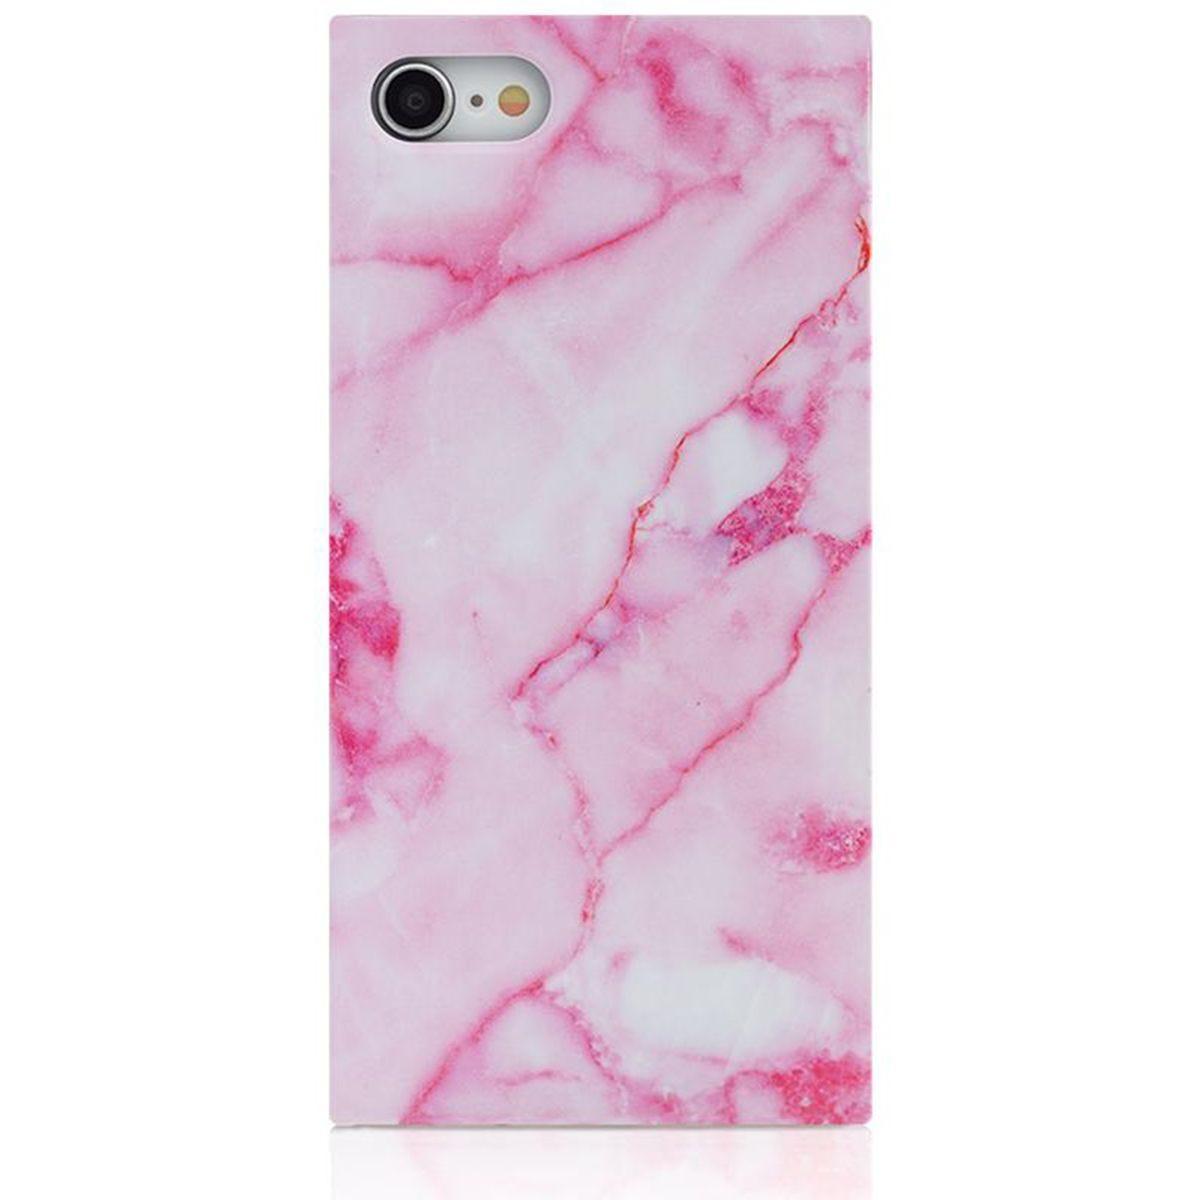 iDecoz Blush Marble Phone Case iPhone 7/8